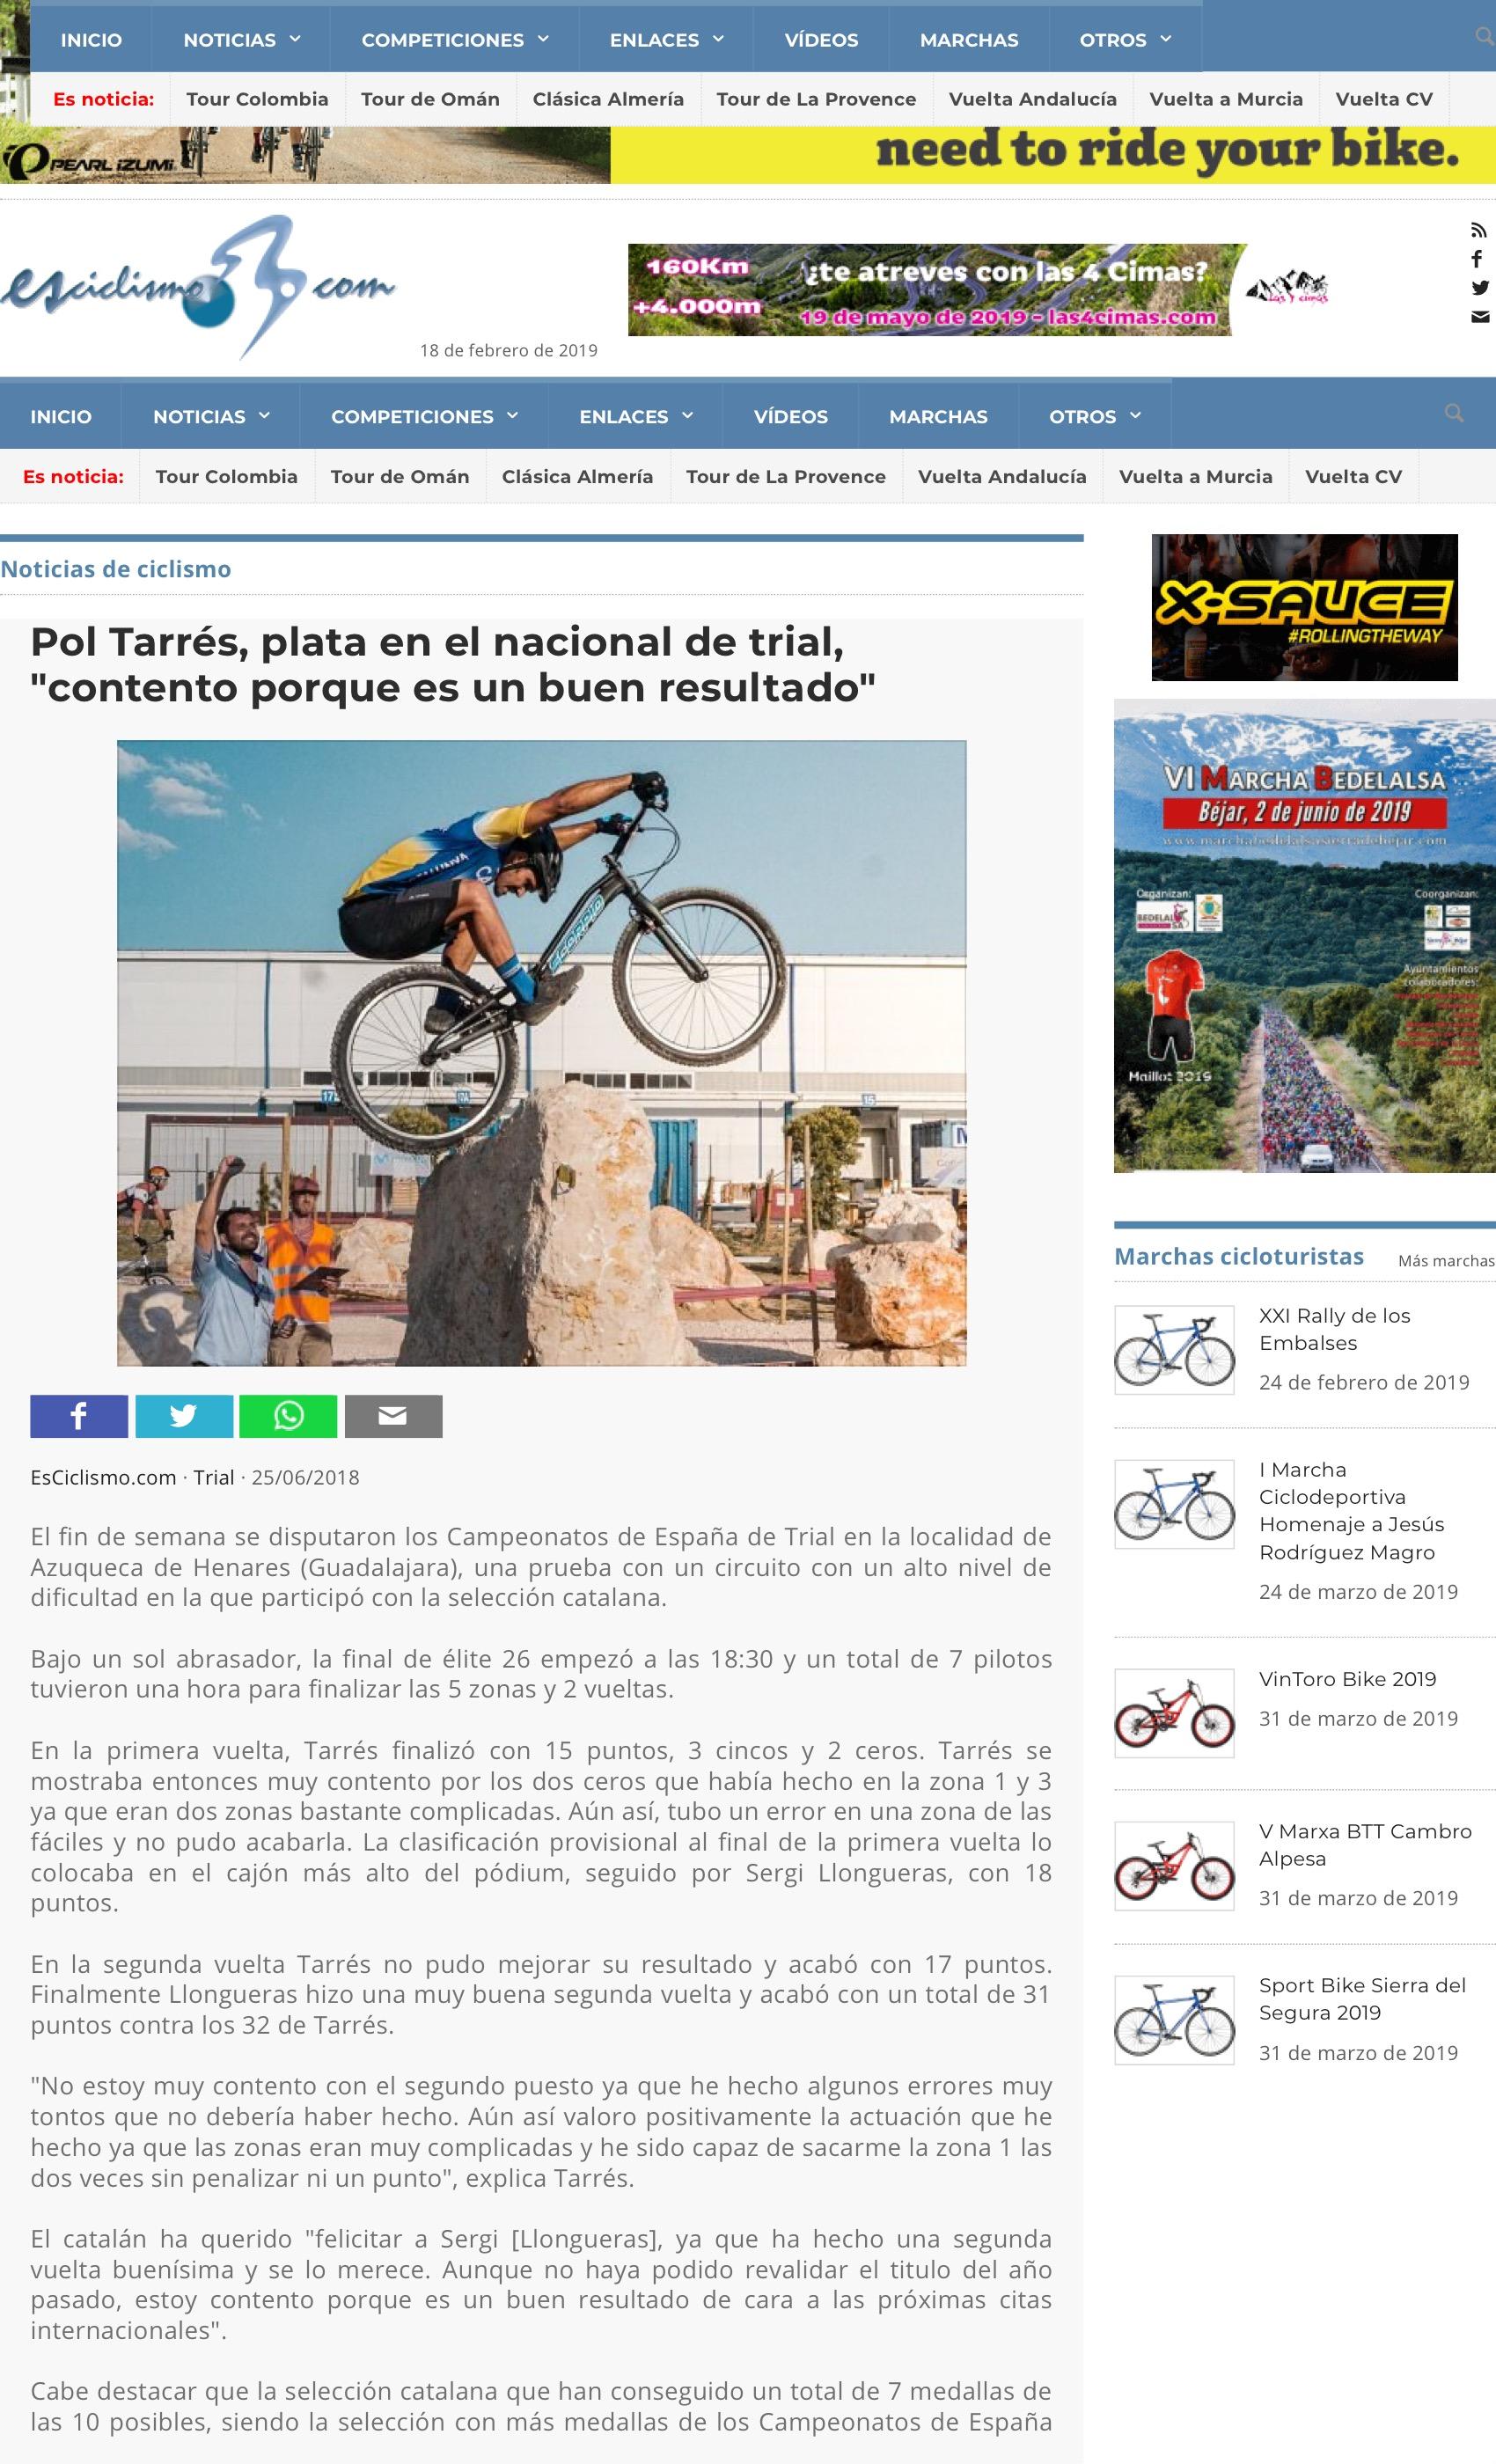 2018-6-25 Pol Tarrés, plata en el nacional de trial, _contento porque es un buen resultado_ 2.jpeg